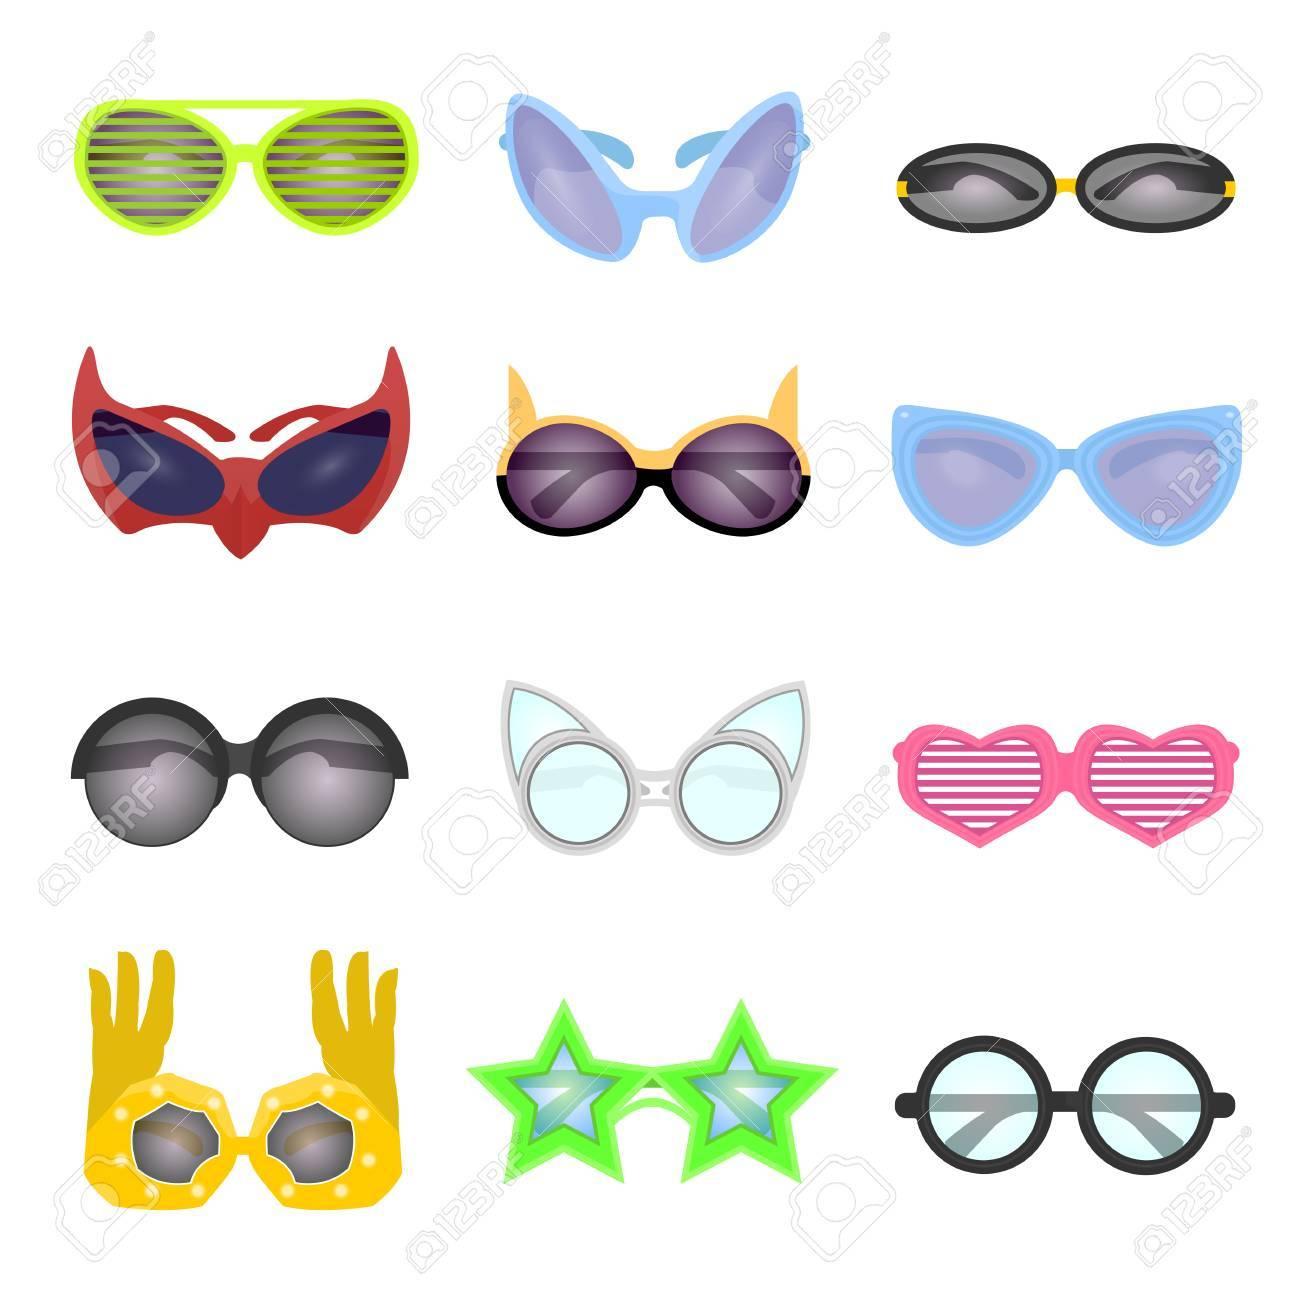 Conjunto De Gafas De Moda. Gafas De Sol De La Colección De Vectores. Estilo  Moderno Y Retro 468f6adf22fa